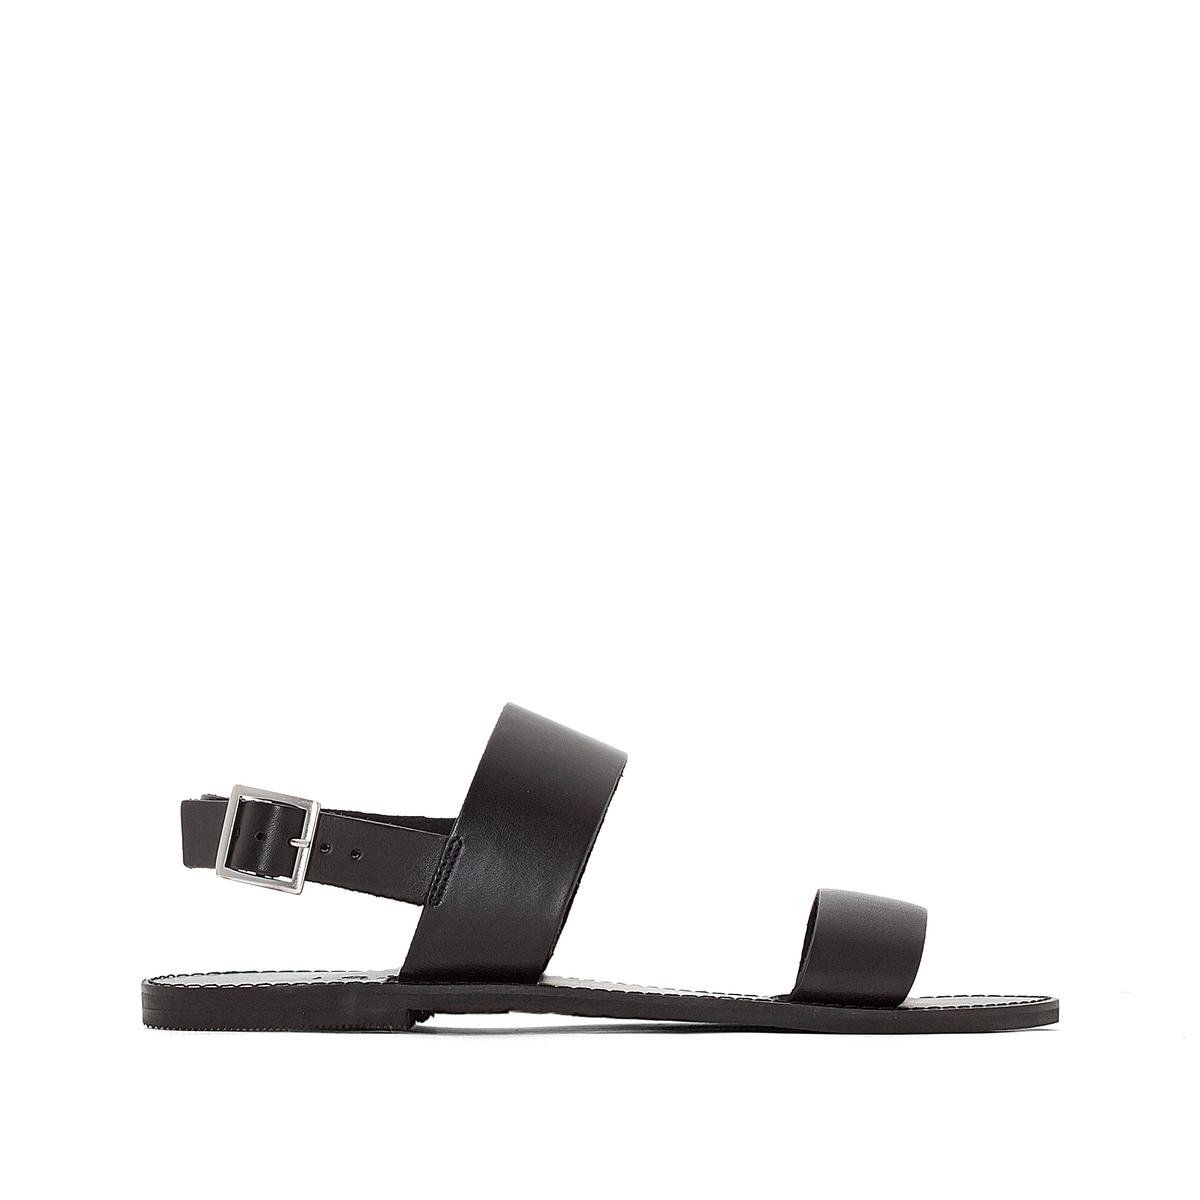 Босоножки кожаные AoudaВерх : кожа   Подкладка : кожа   Стелька : кожа   Подошва : эластомер   Форма каблука : плоский каблук   Мысок : закругленный мысок   Застежка : пряжка<br><br>Цвет: черный<br>Размер: 36.38